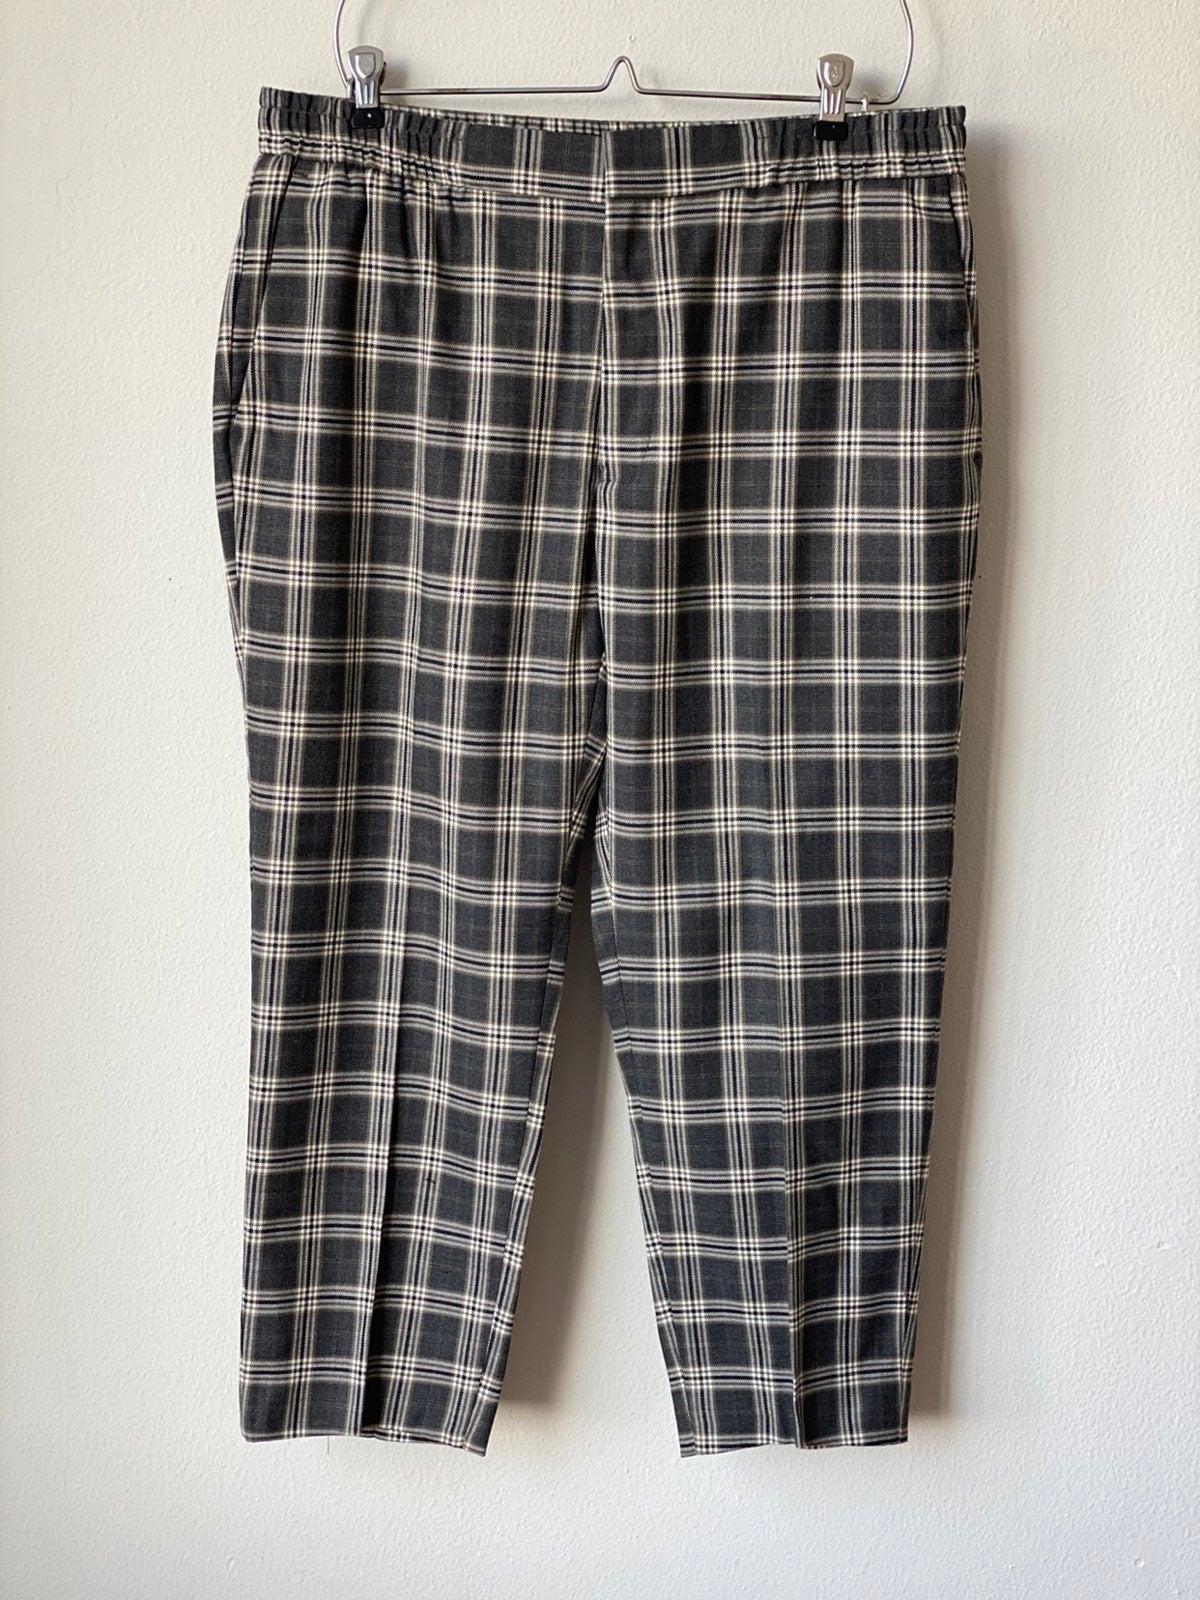 Topman Plaid Pants Sz36